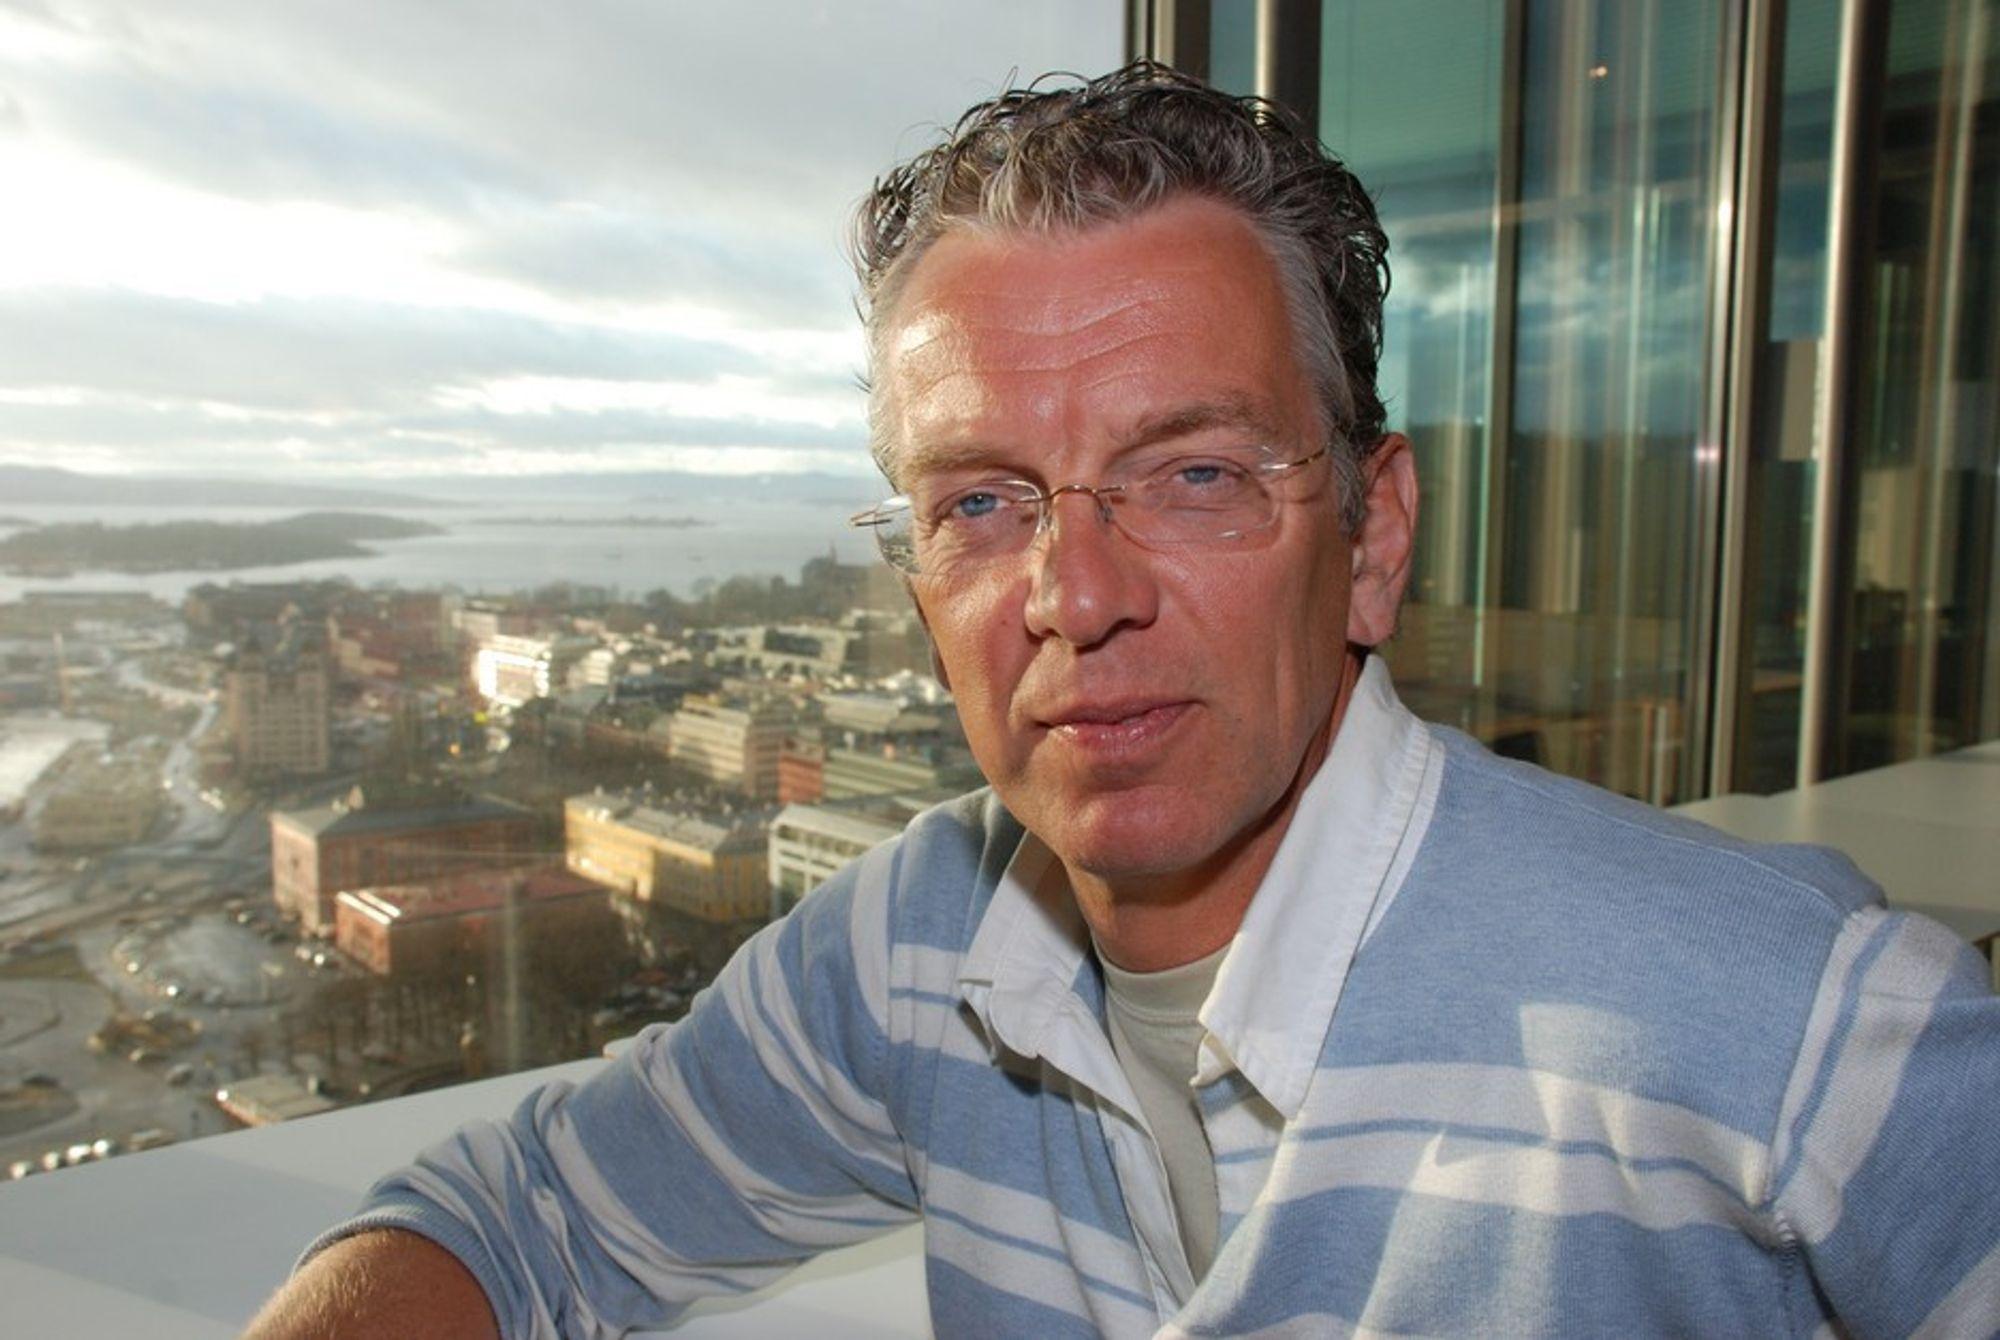 Statnett-direktør Auke Lont må innse at resultatene synker i forhold til fjoråret.